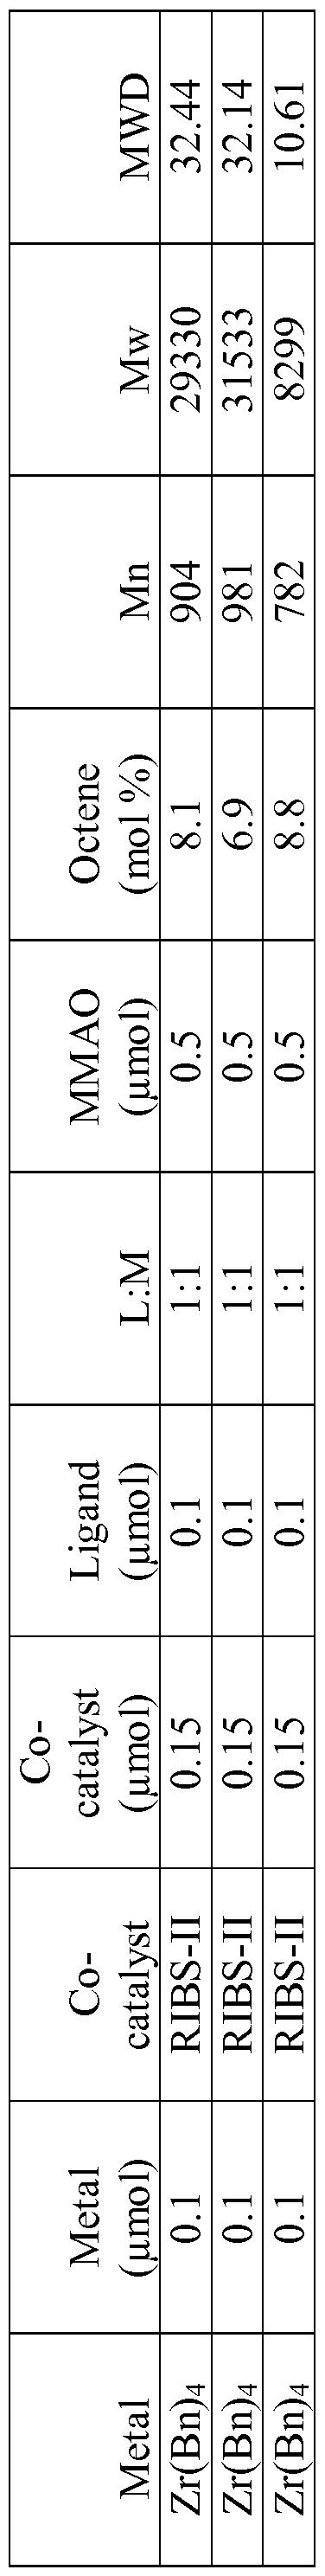 Figure imgf000082_0004